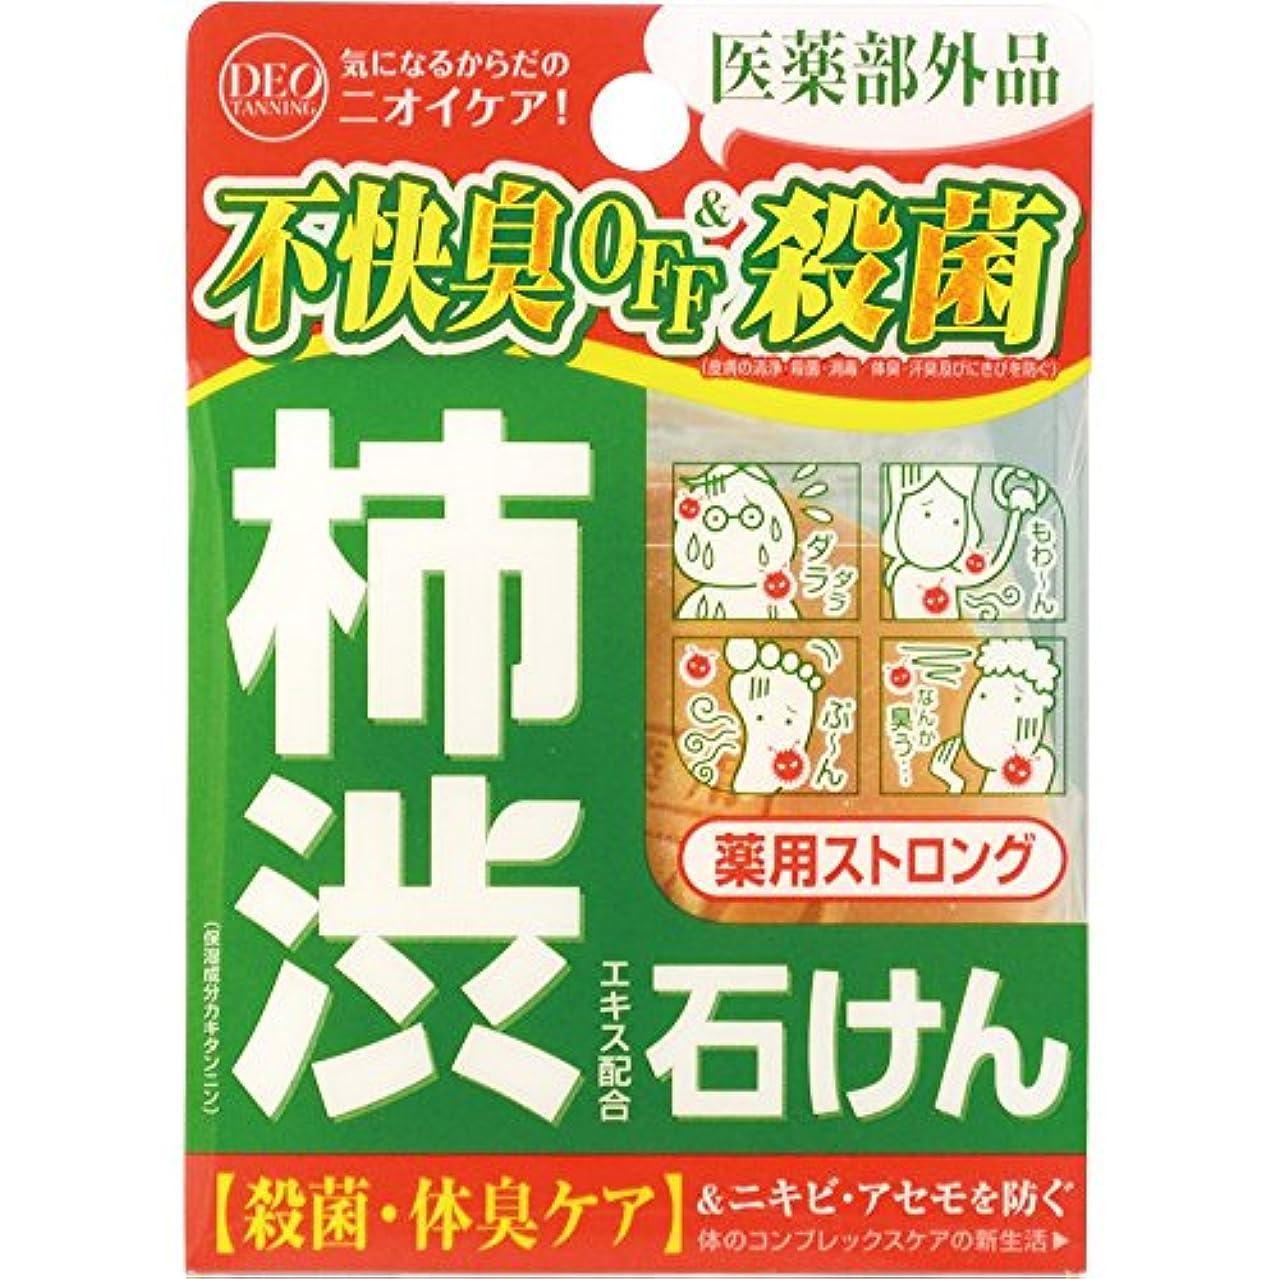 ペン見物人粉砕するデオタンニング 薬用ストロング ソープ 100g (医薬部外品)